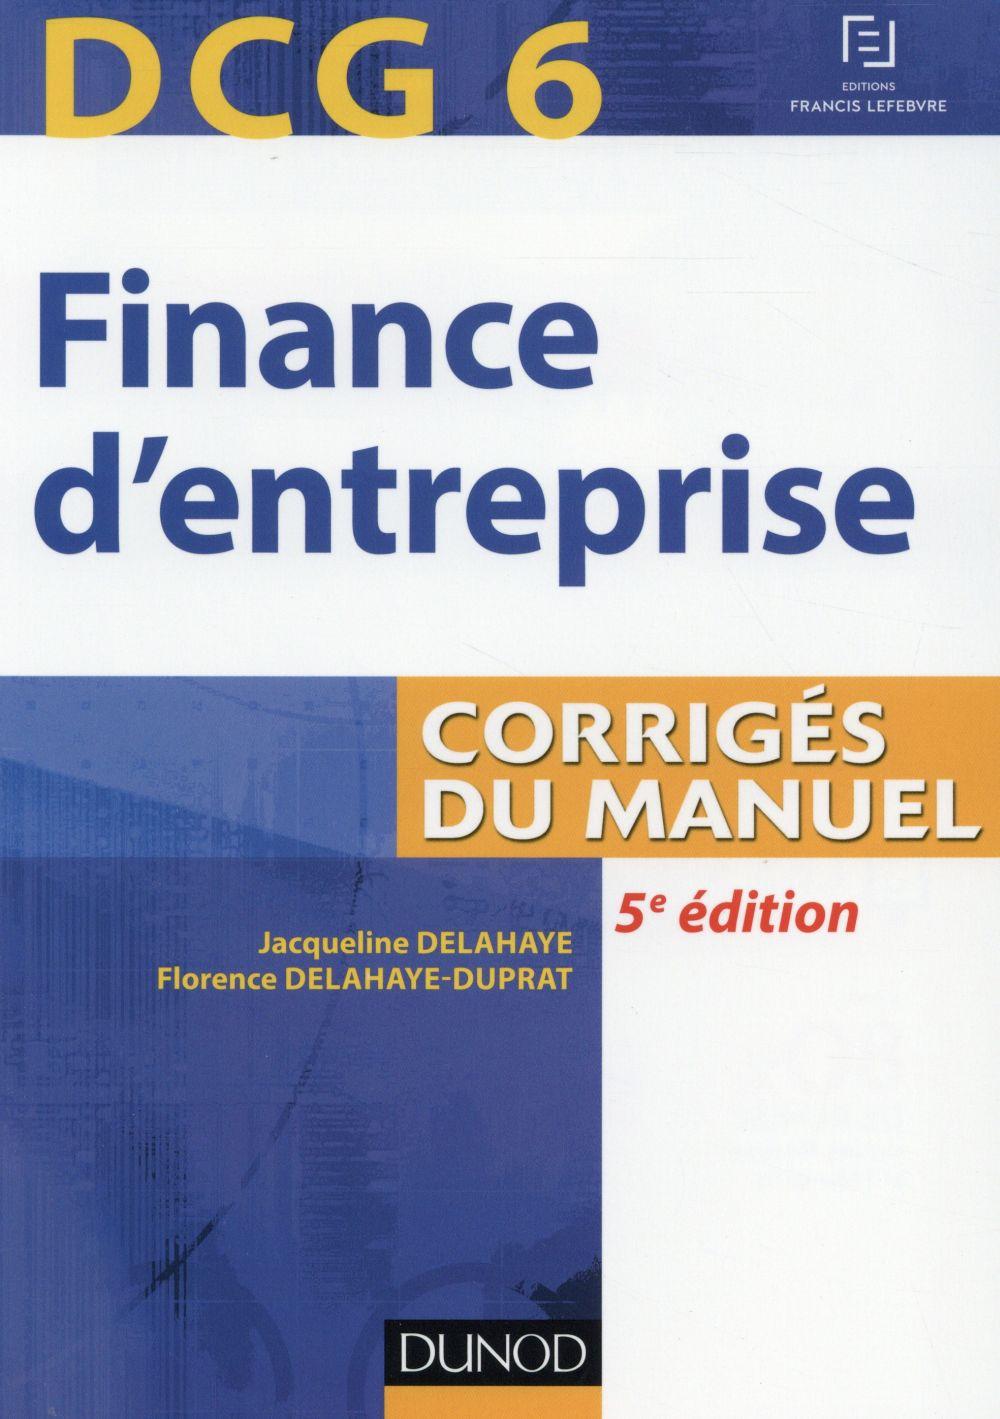 Dcg 6 ; finance d'entreprise ; corrigés du manuel (5e édition)